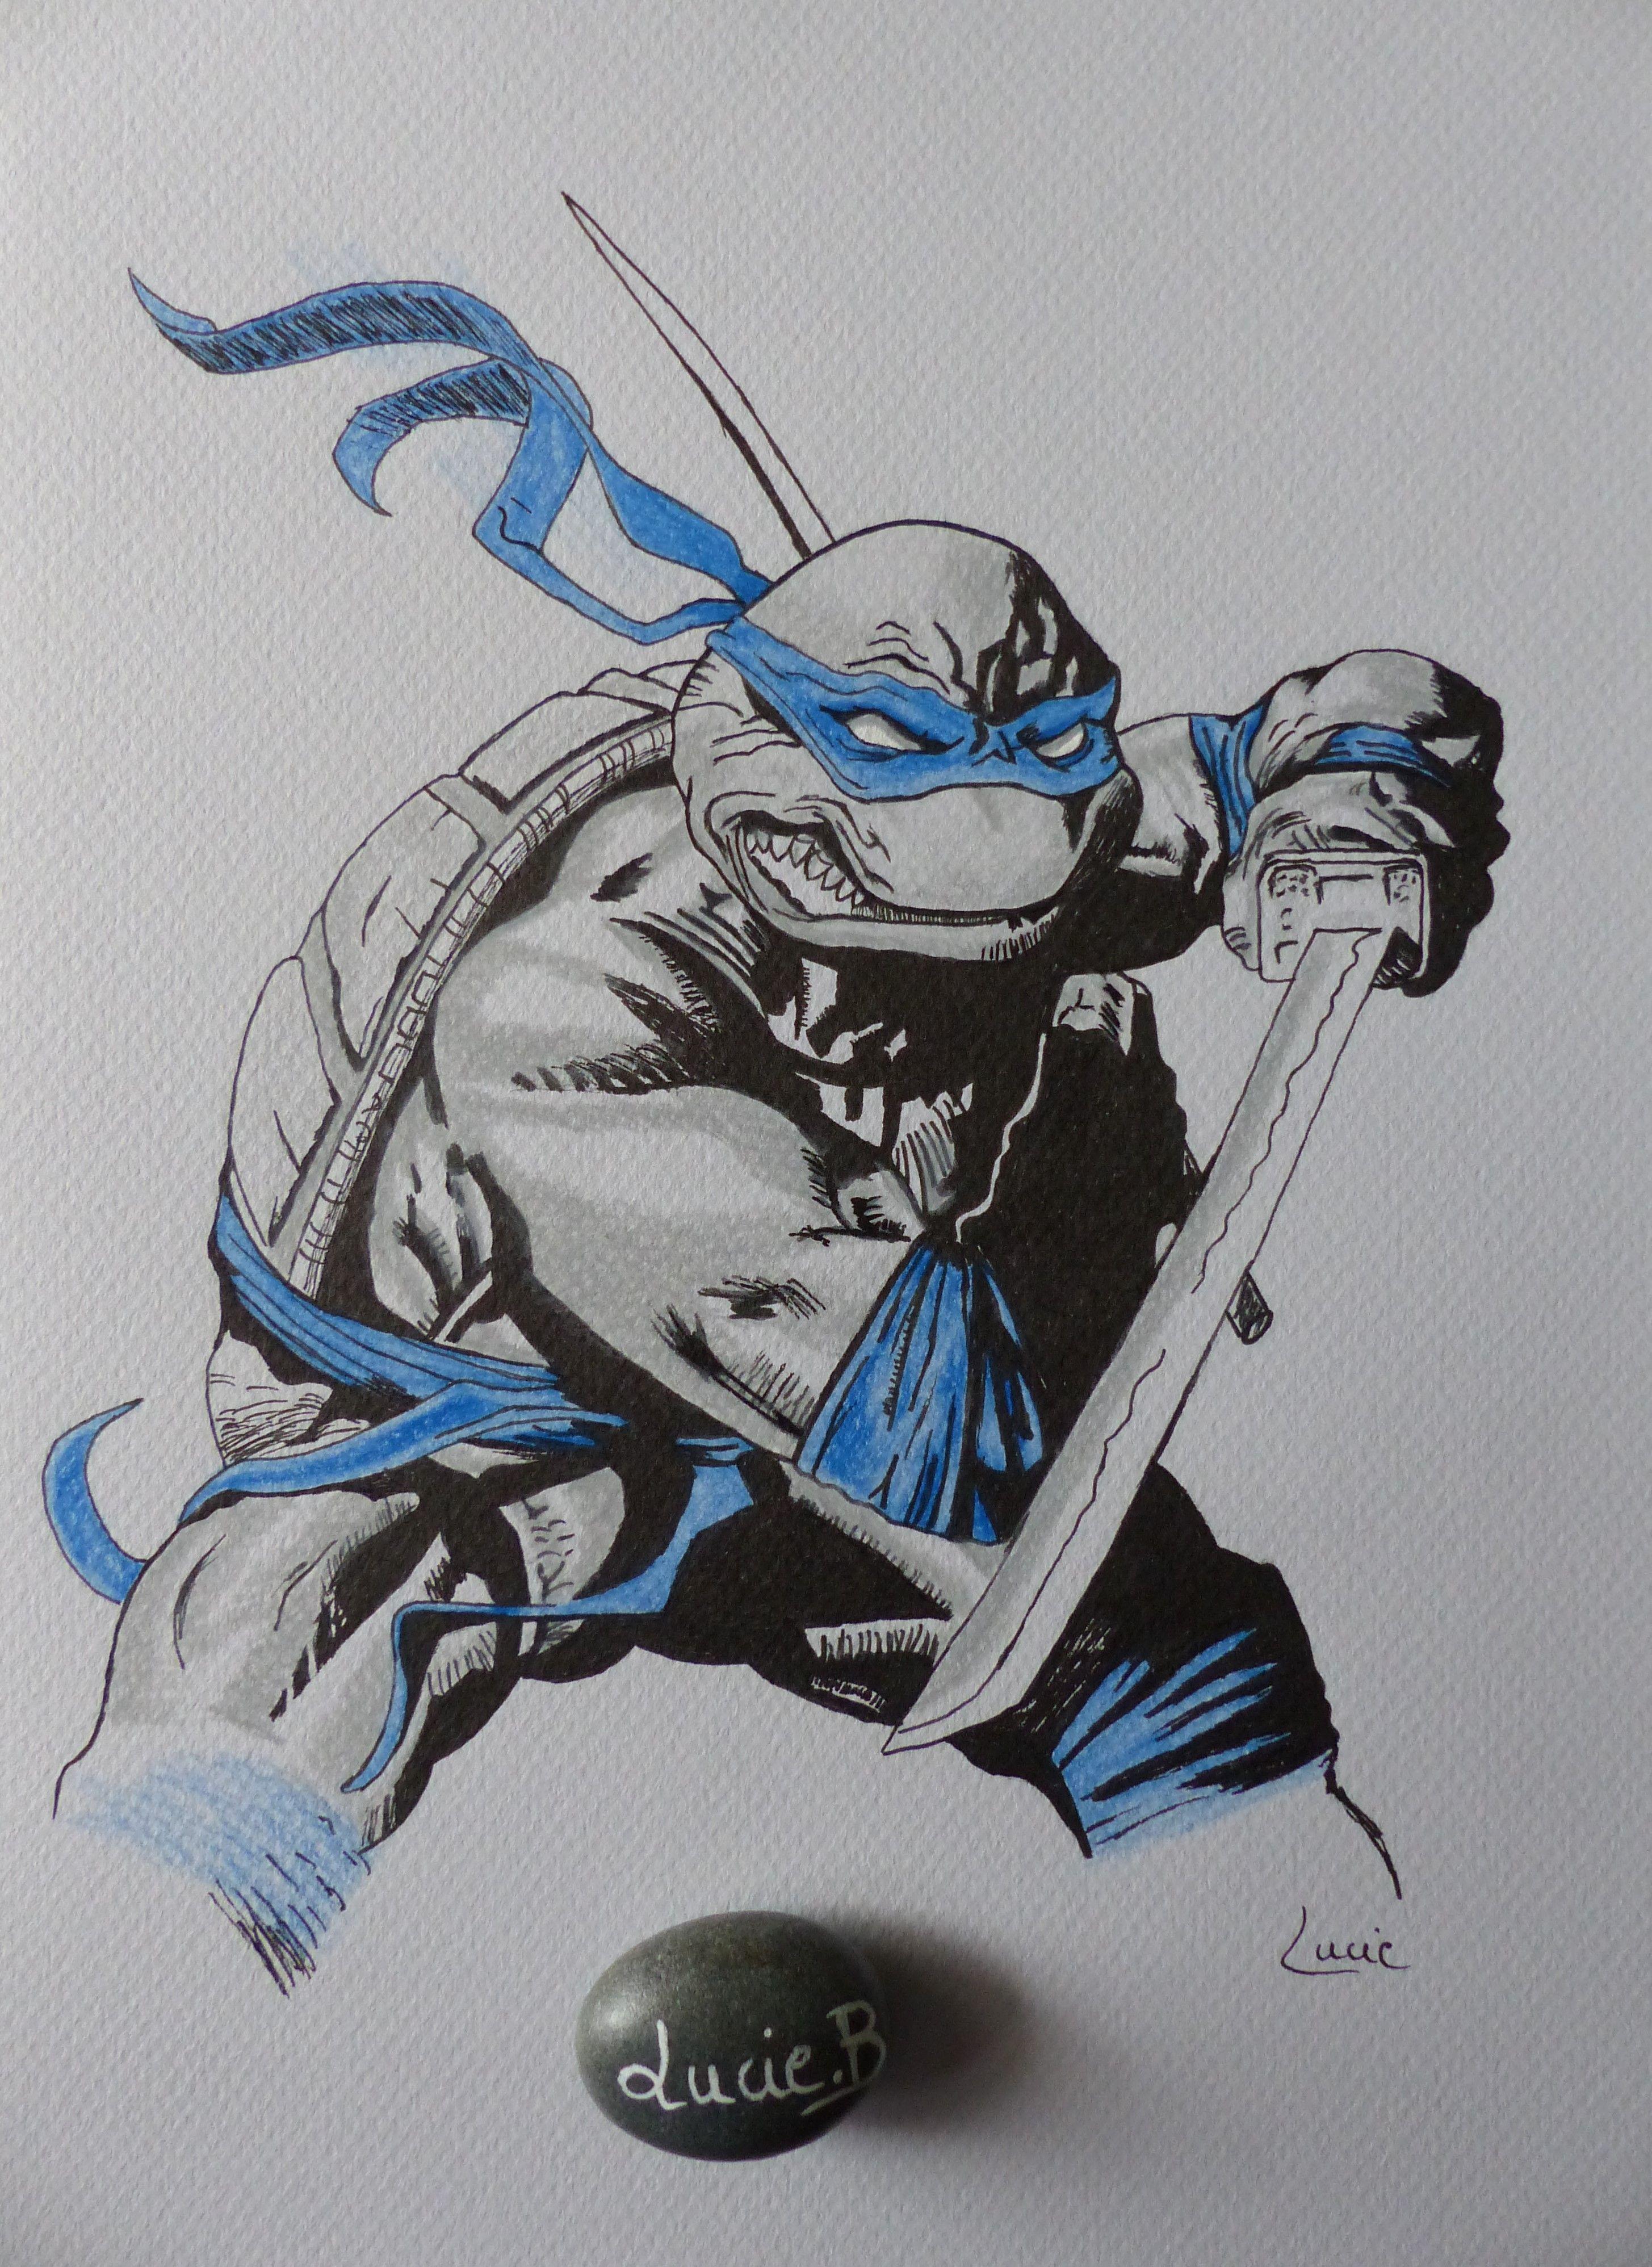 Meilleur De Dessin Coloriage tortue Ninja